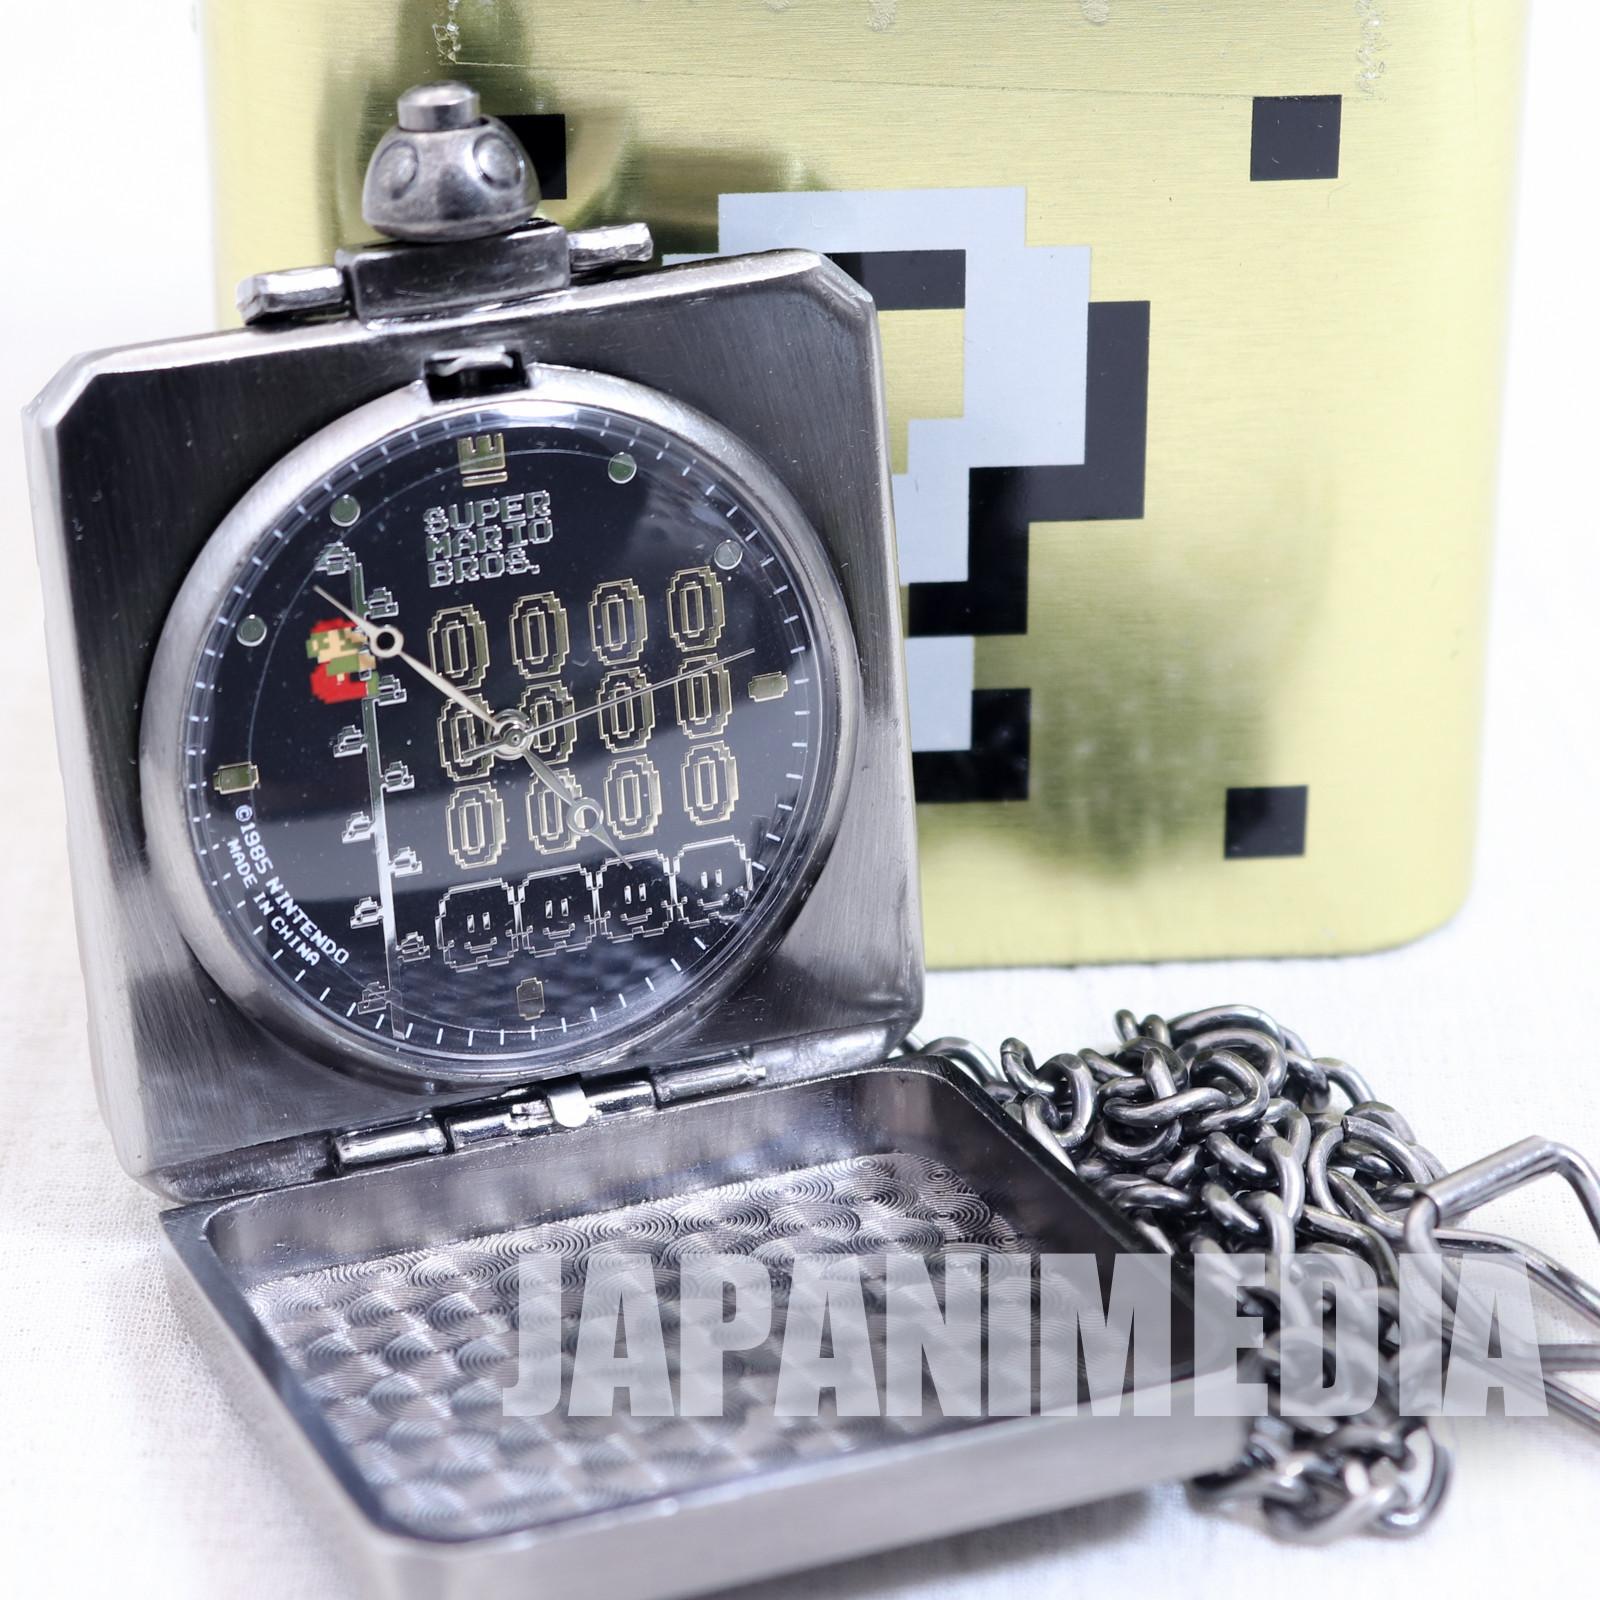 Super Mario Bros. Hatena Block Pocket Watch Mario & Coin Ver. JAPAN NINTENDO